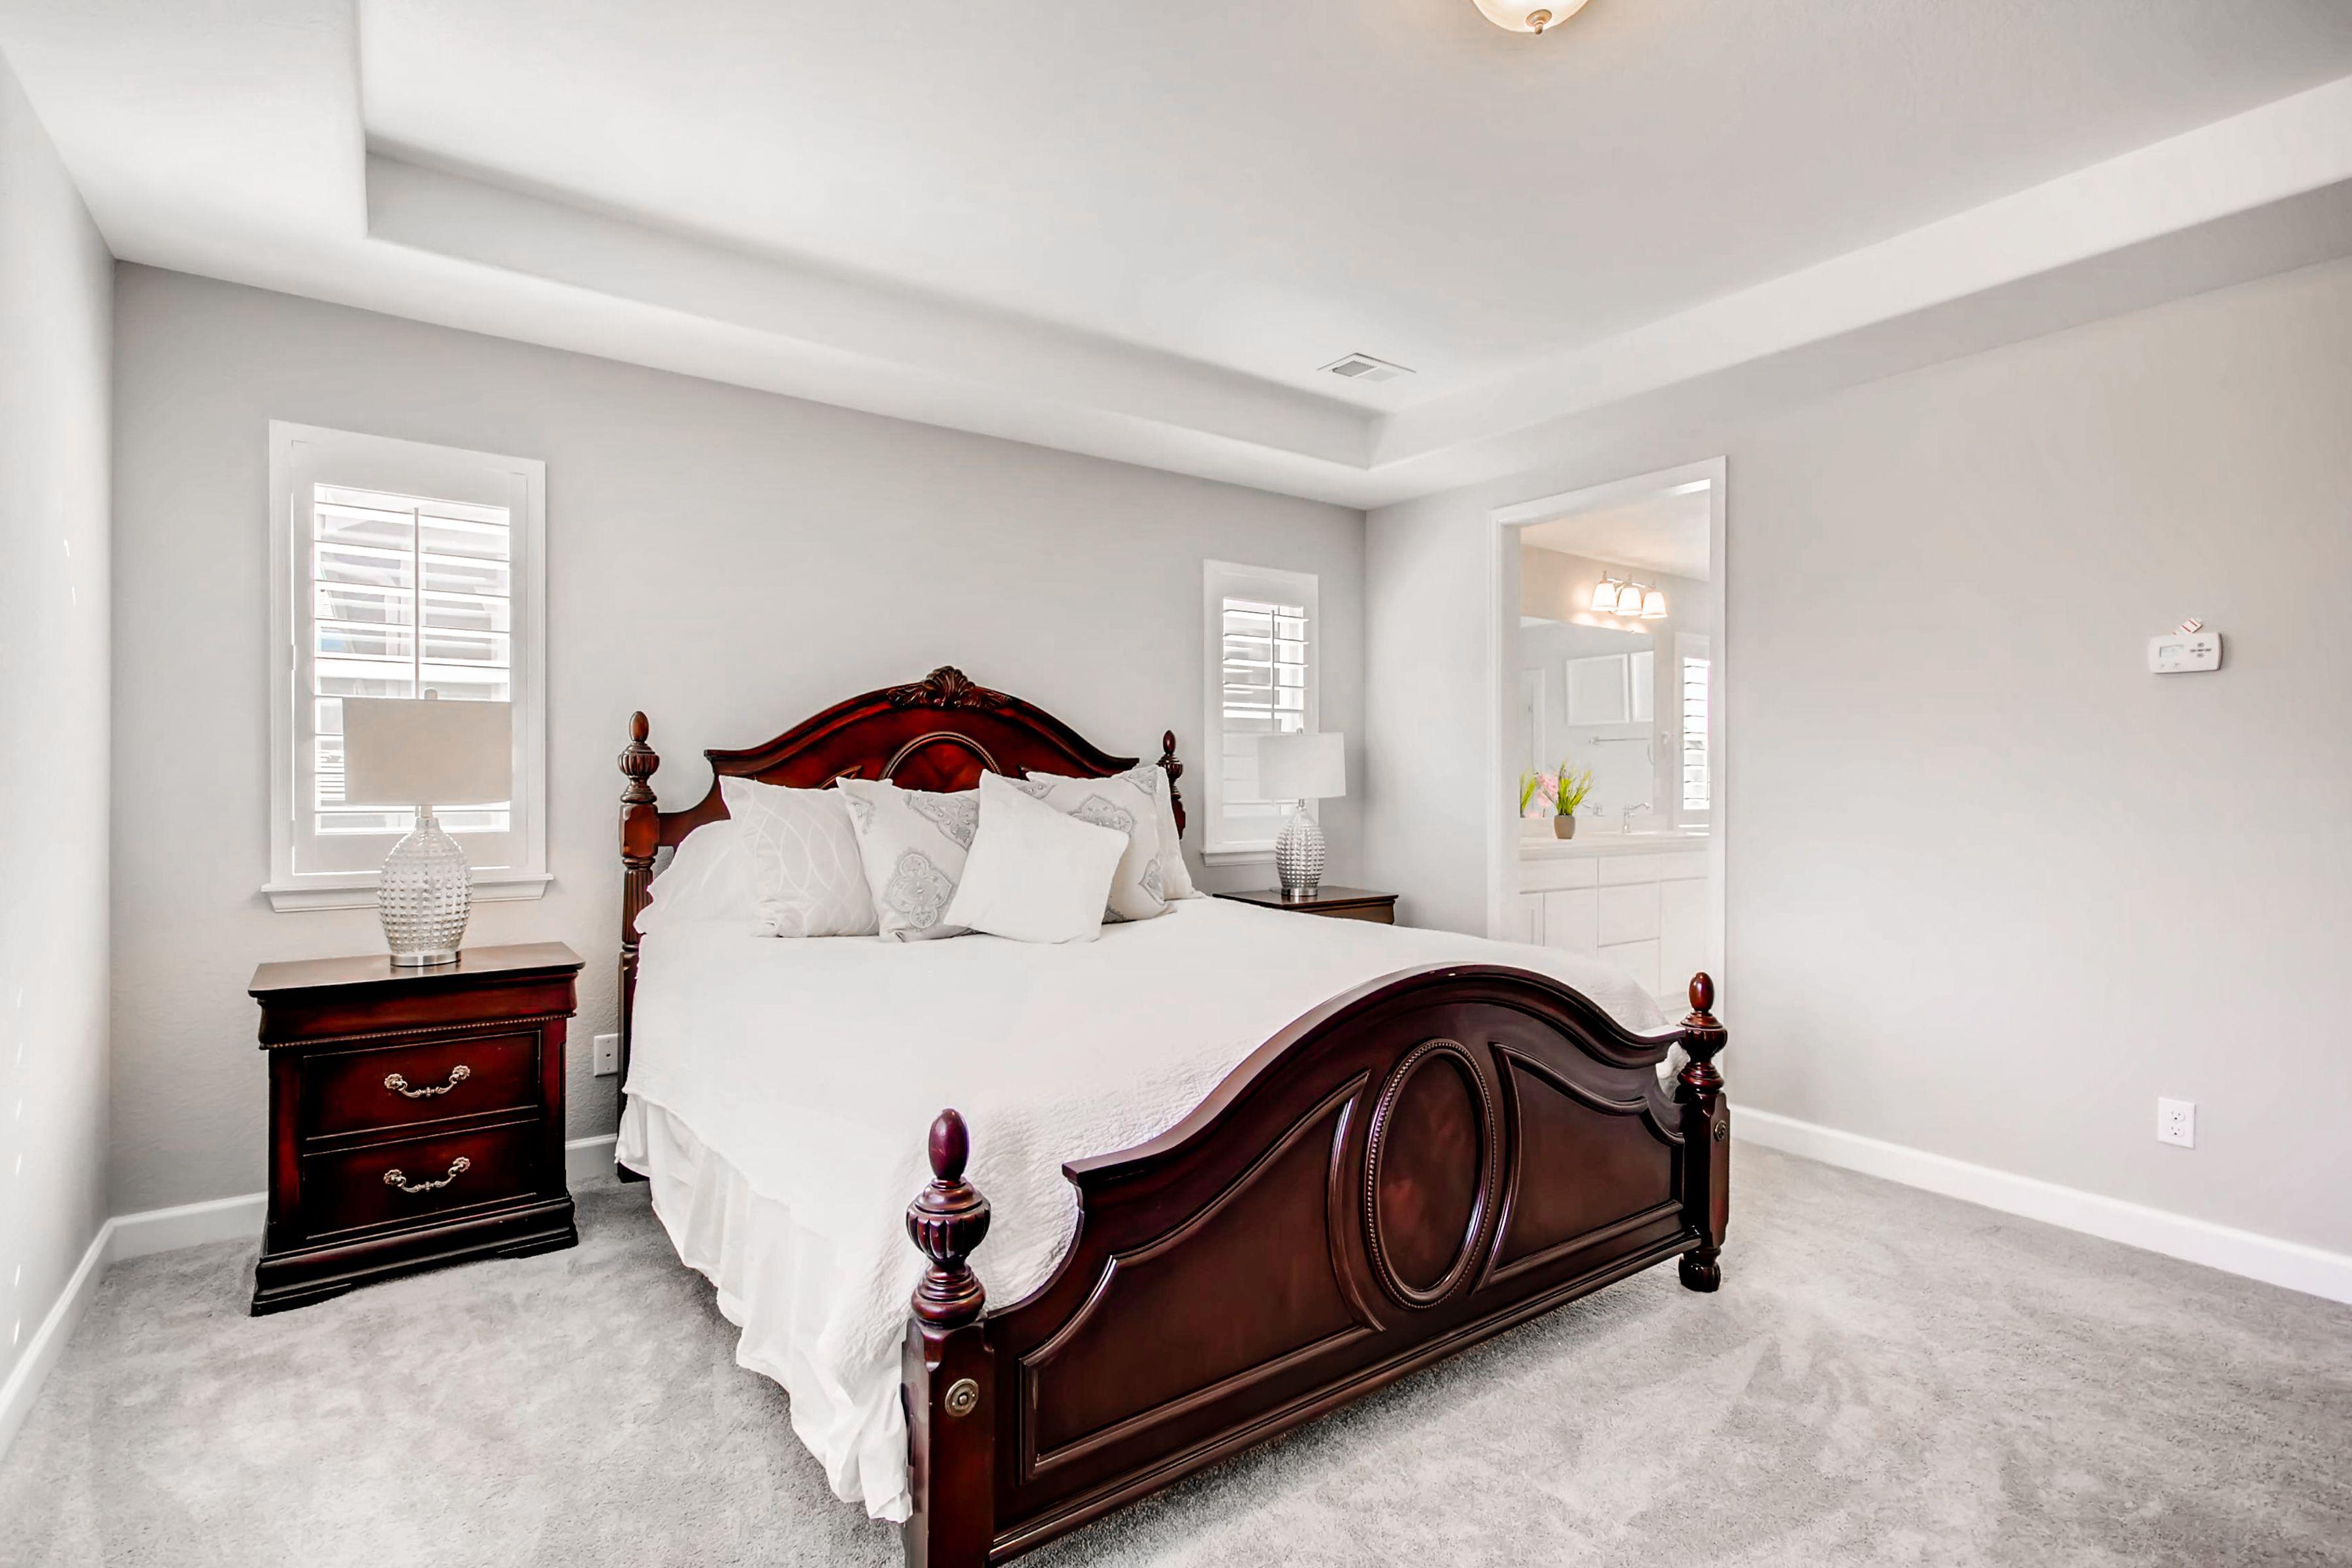 Master bedroom huge  Huge Master Bedroom  For Sale   Bristleridge St Parker Co